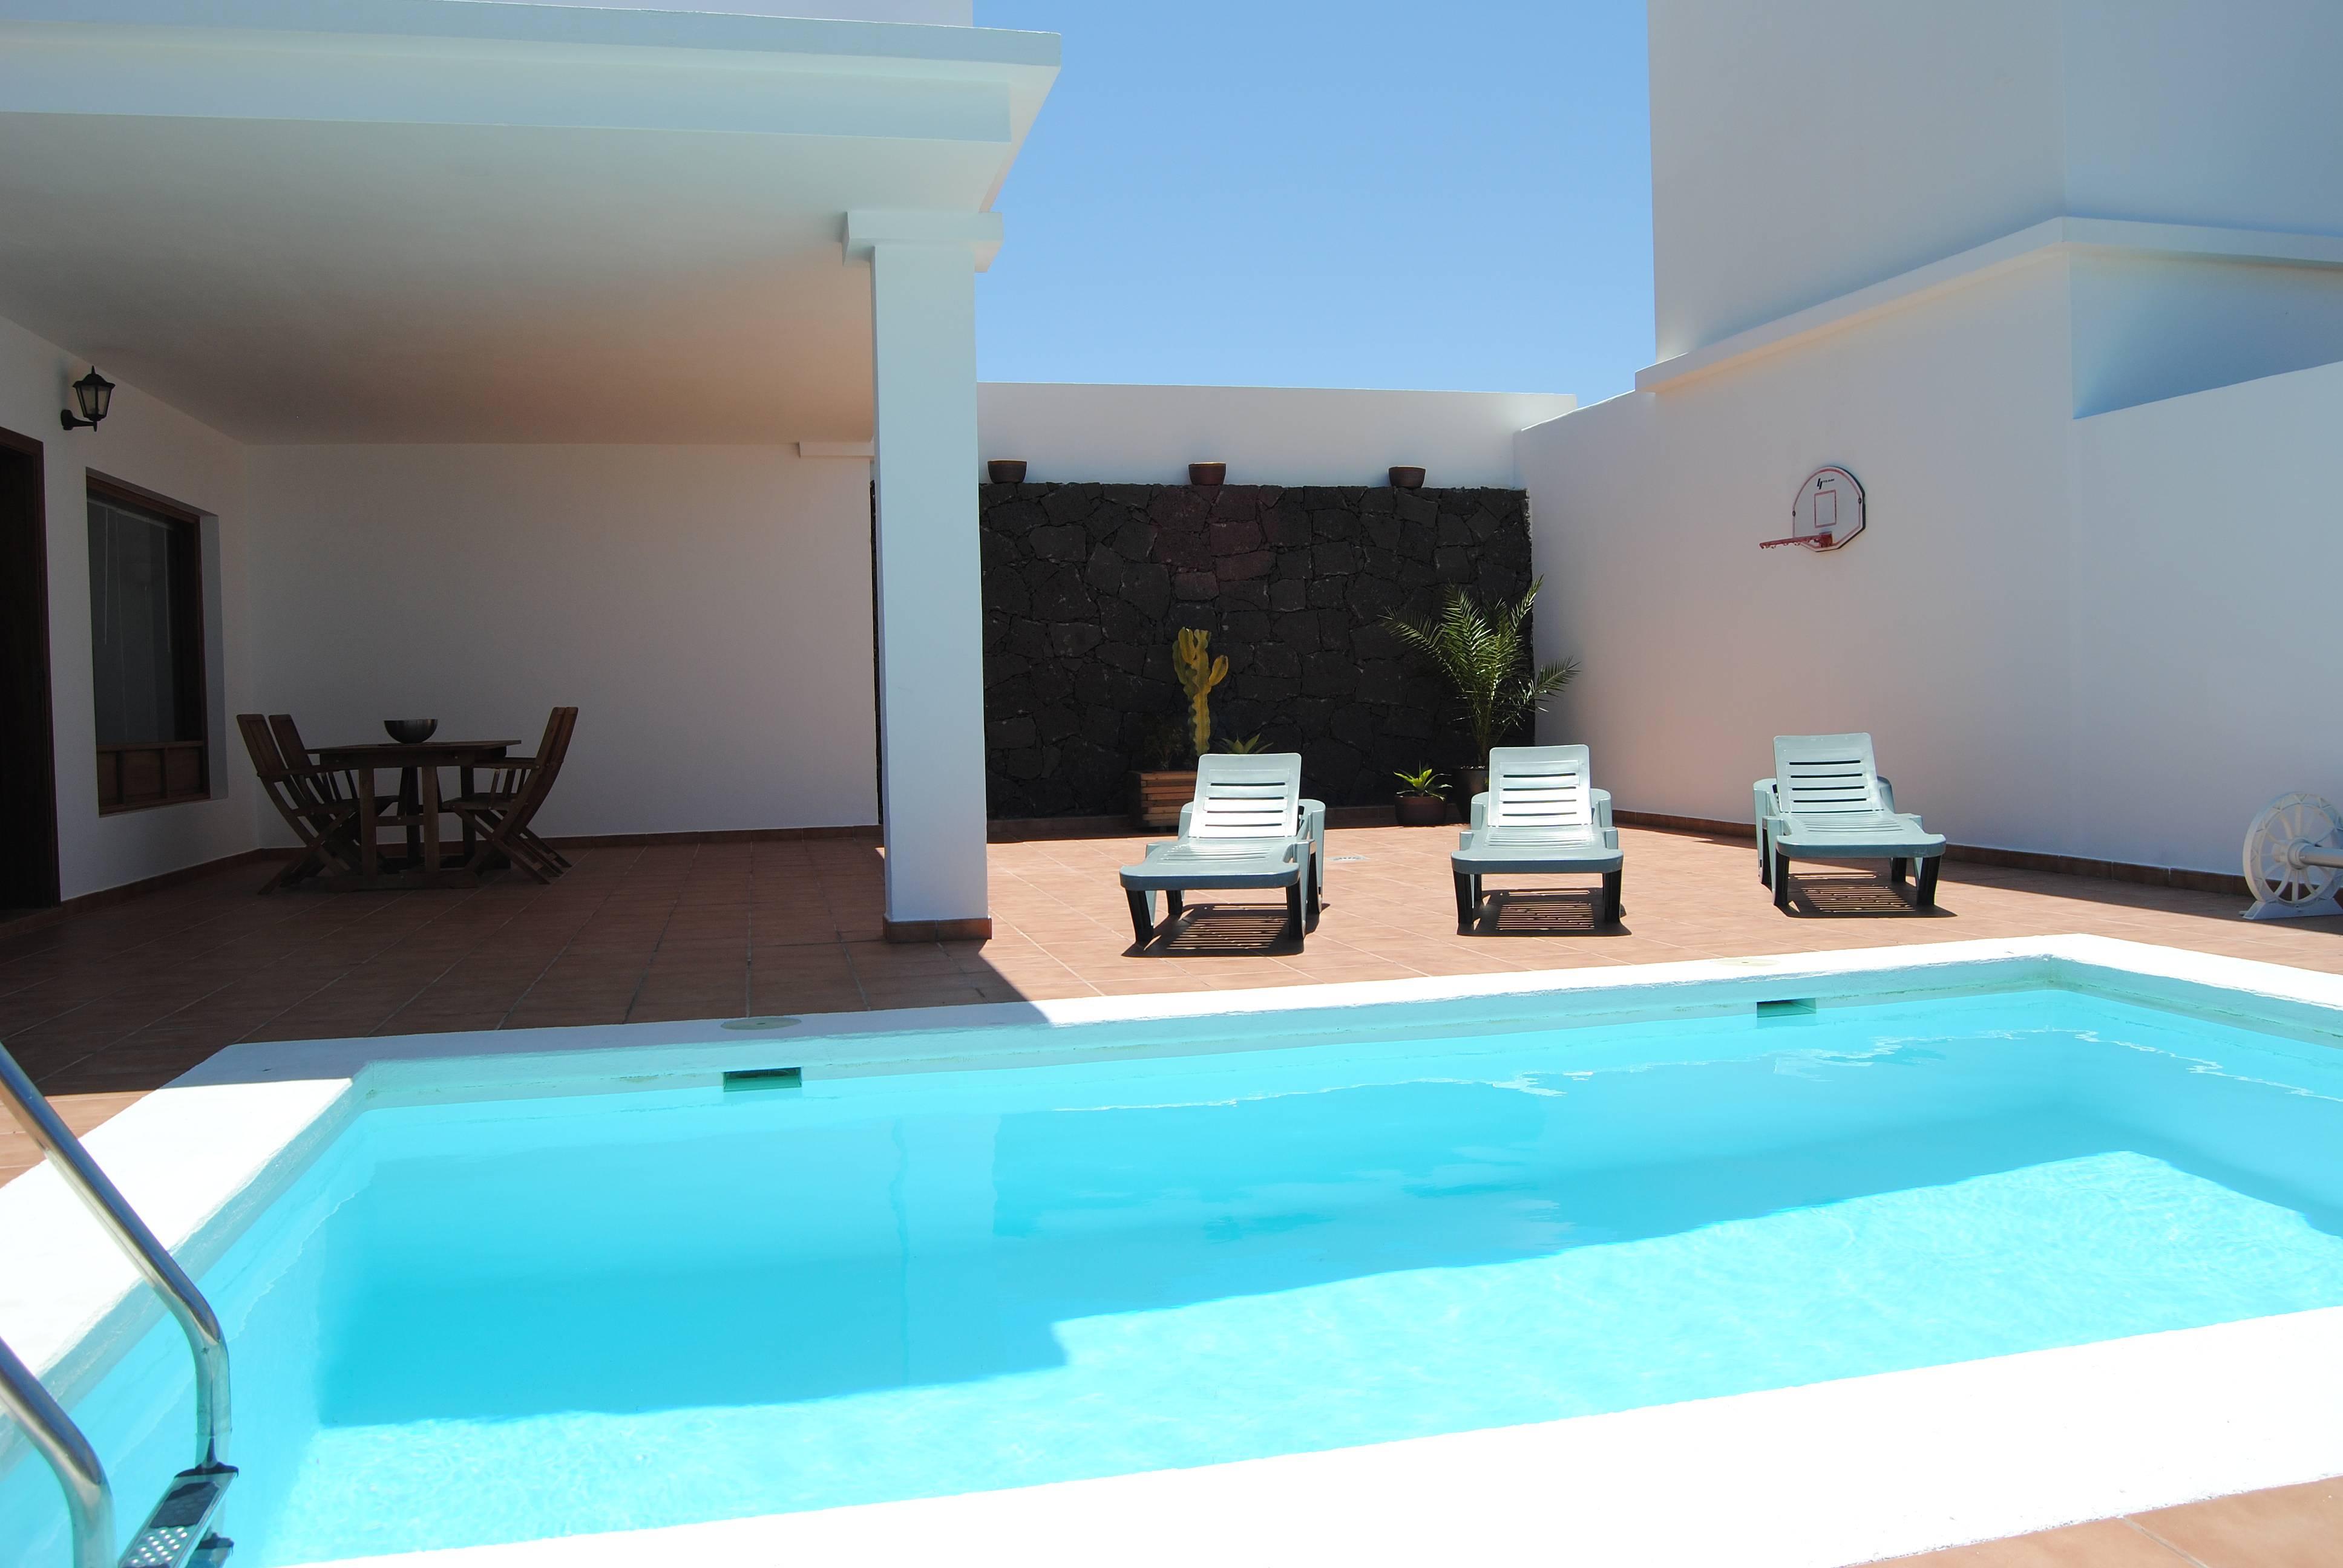 Villa rita con piscina privada playa blanca yaiza lanzarote parque nacional de timanfaya - Villas en lanzarote con piscina privada ...